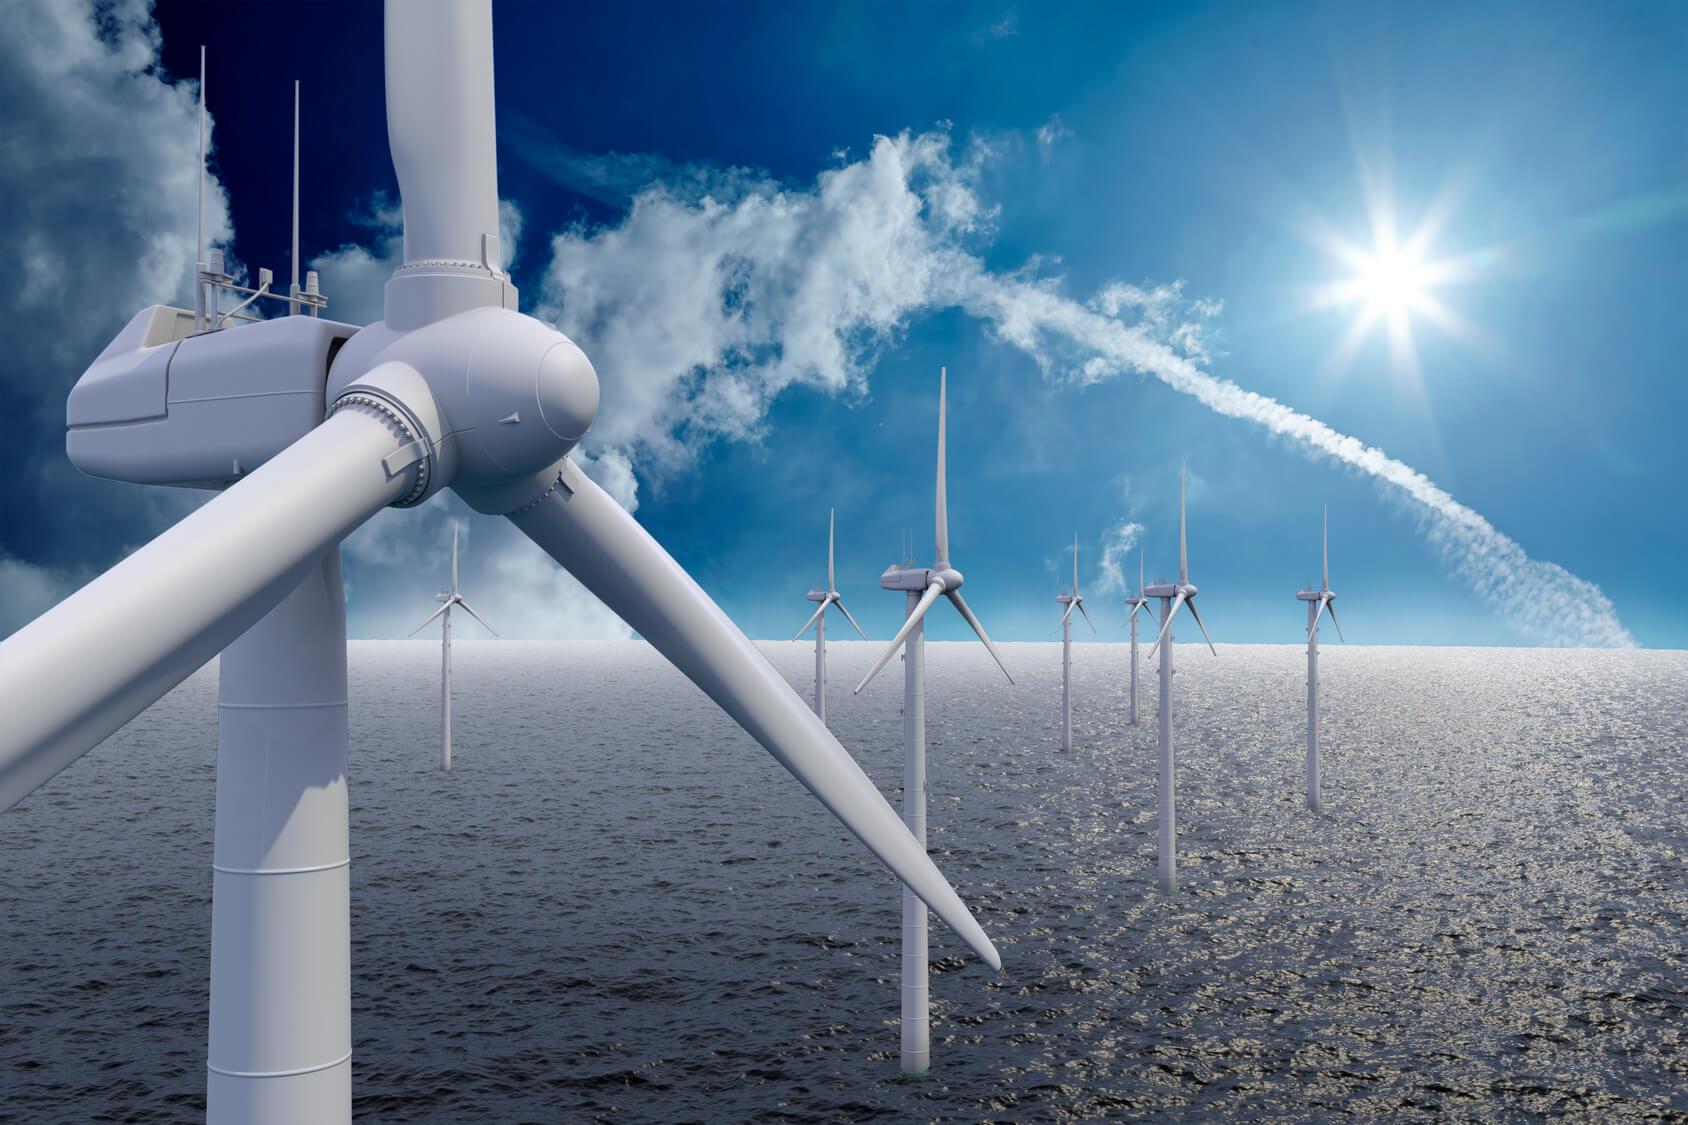 Óriás szélfarm épül Belgiumban | ClimeNews - Hírportál